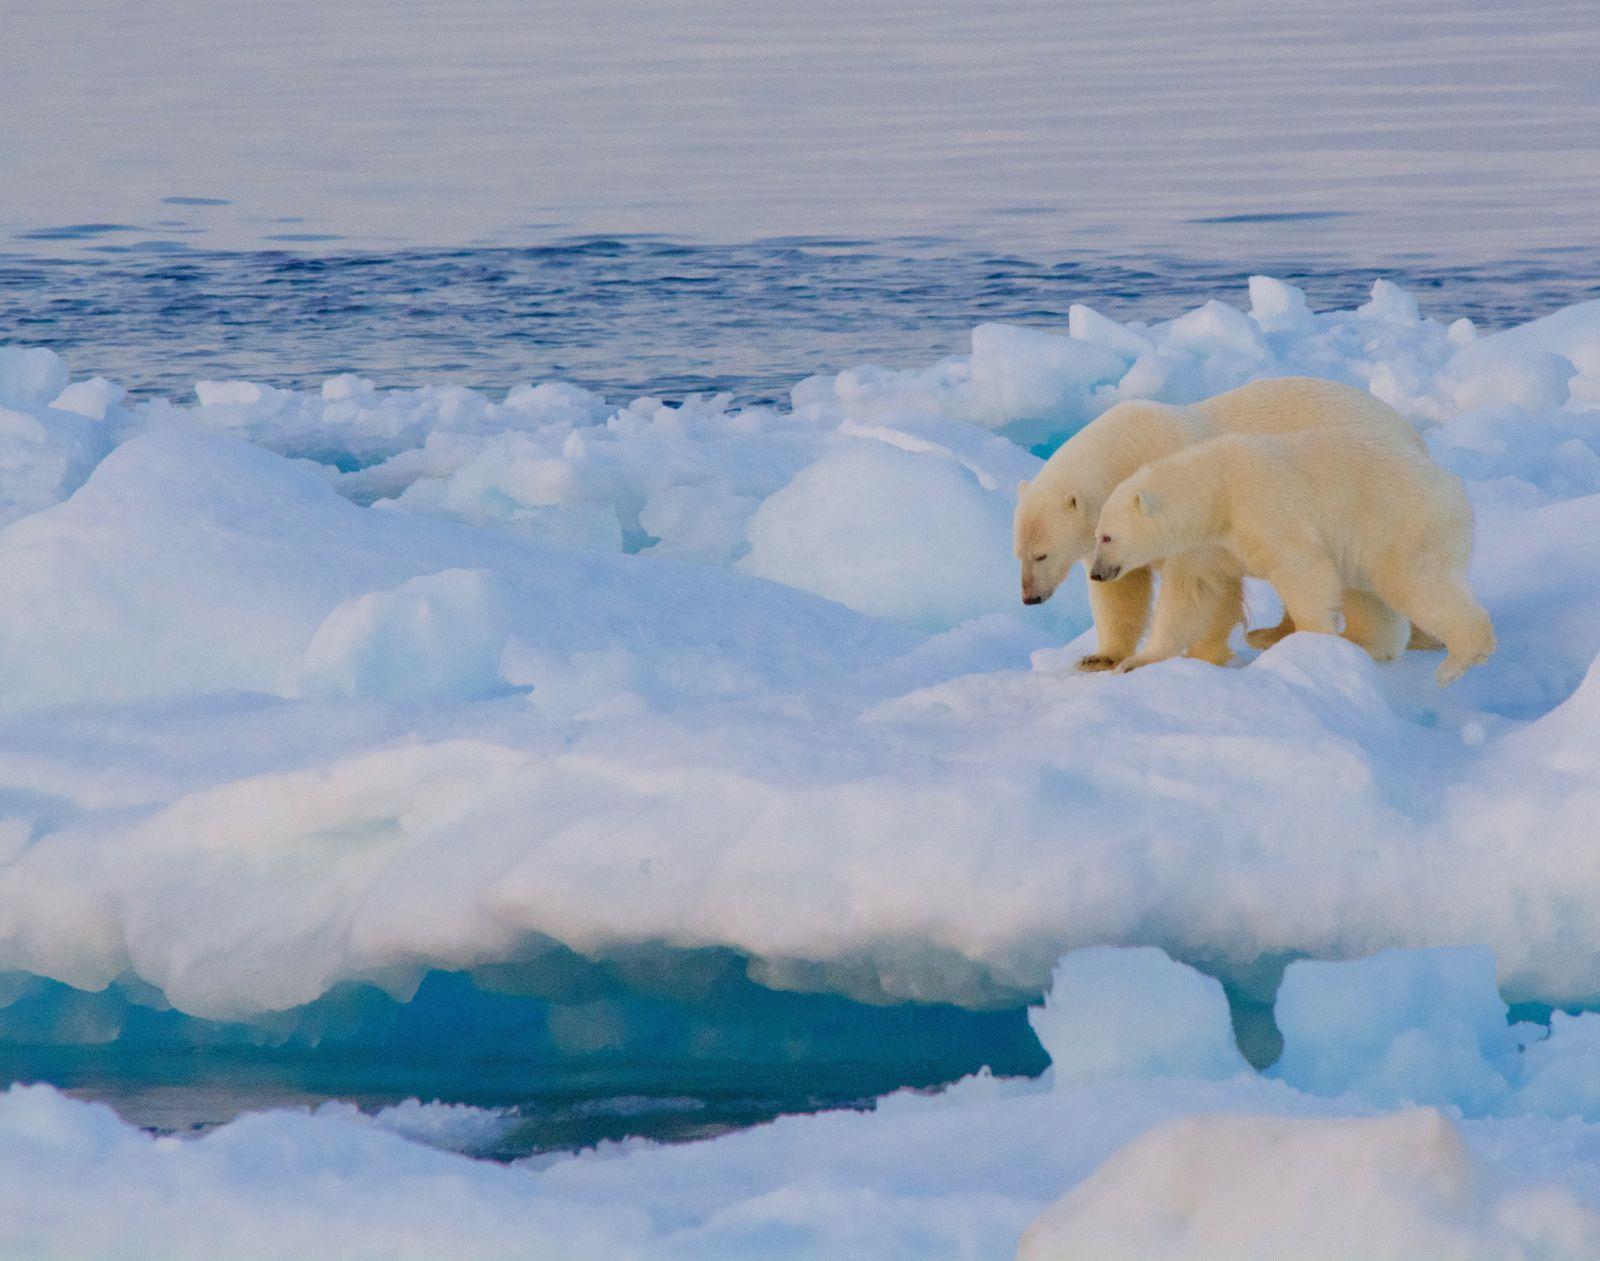 polar-bear-and-cub-ice-floe-adventure-canada